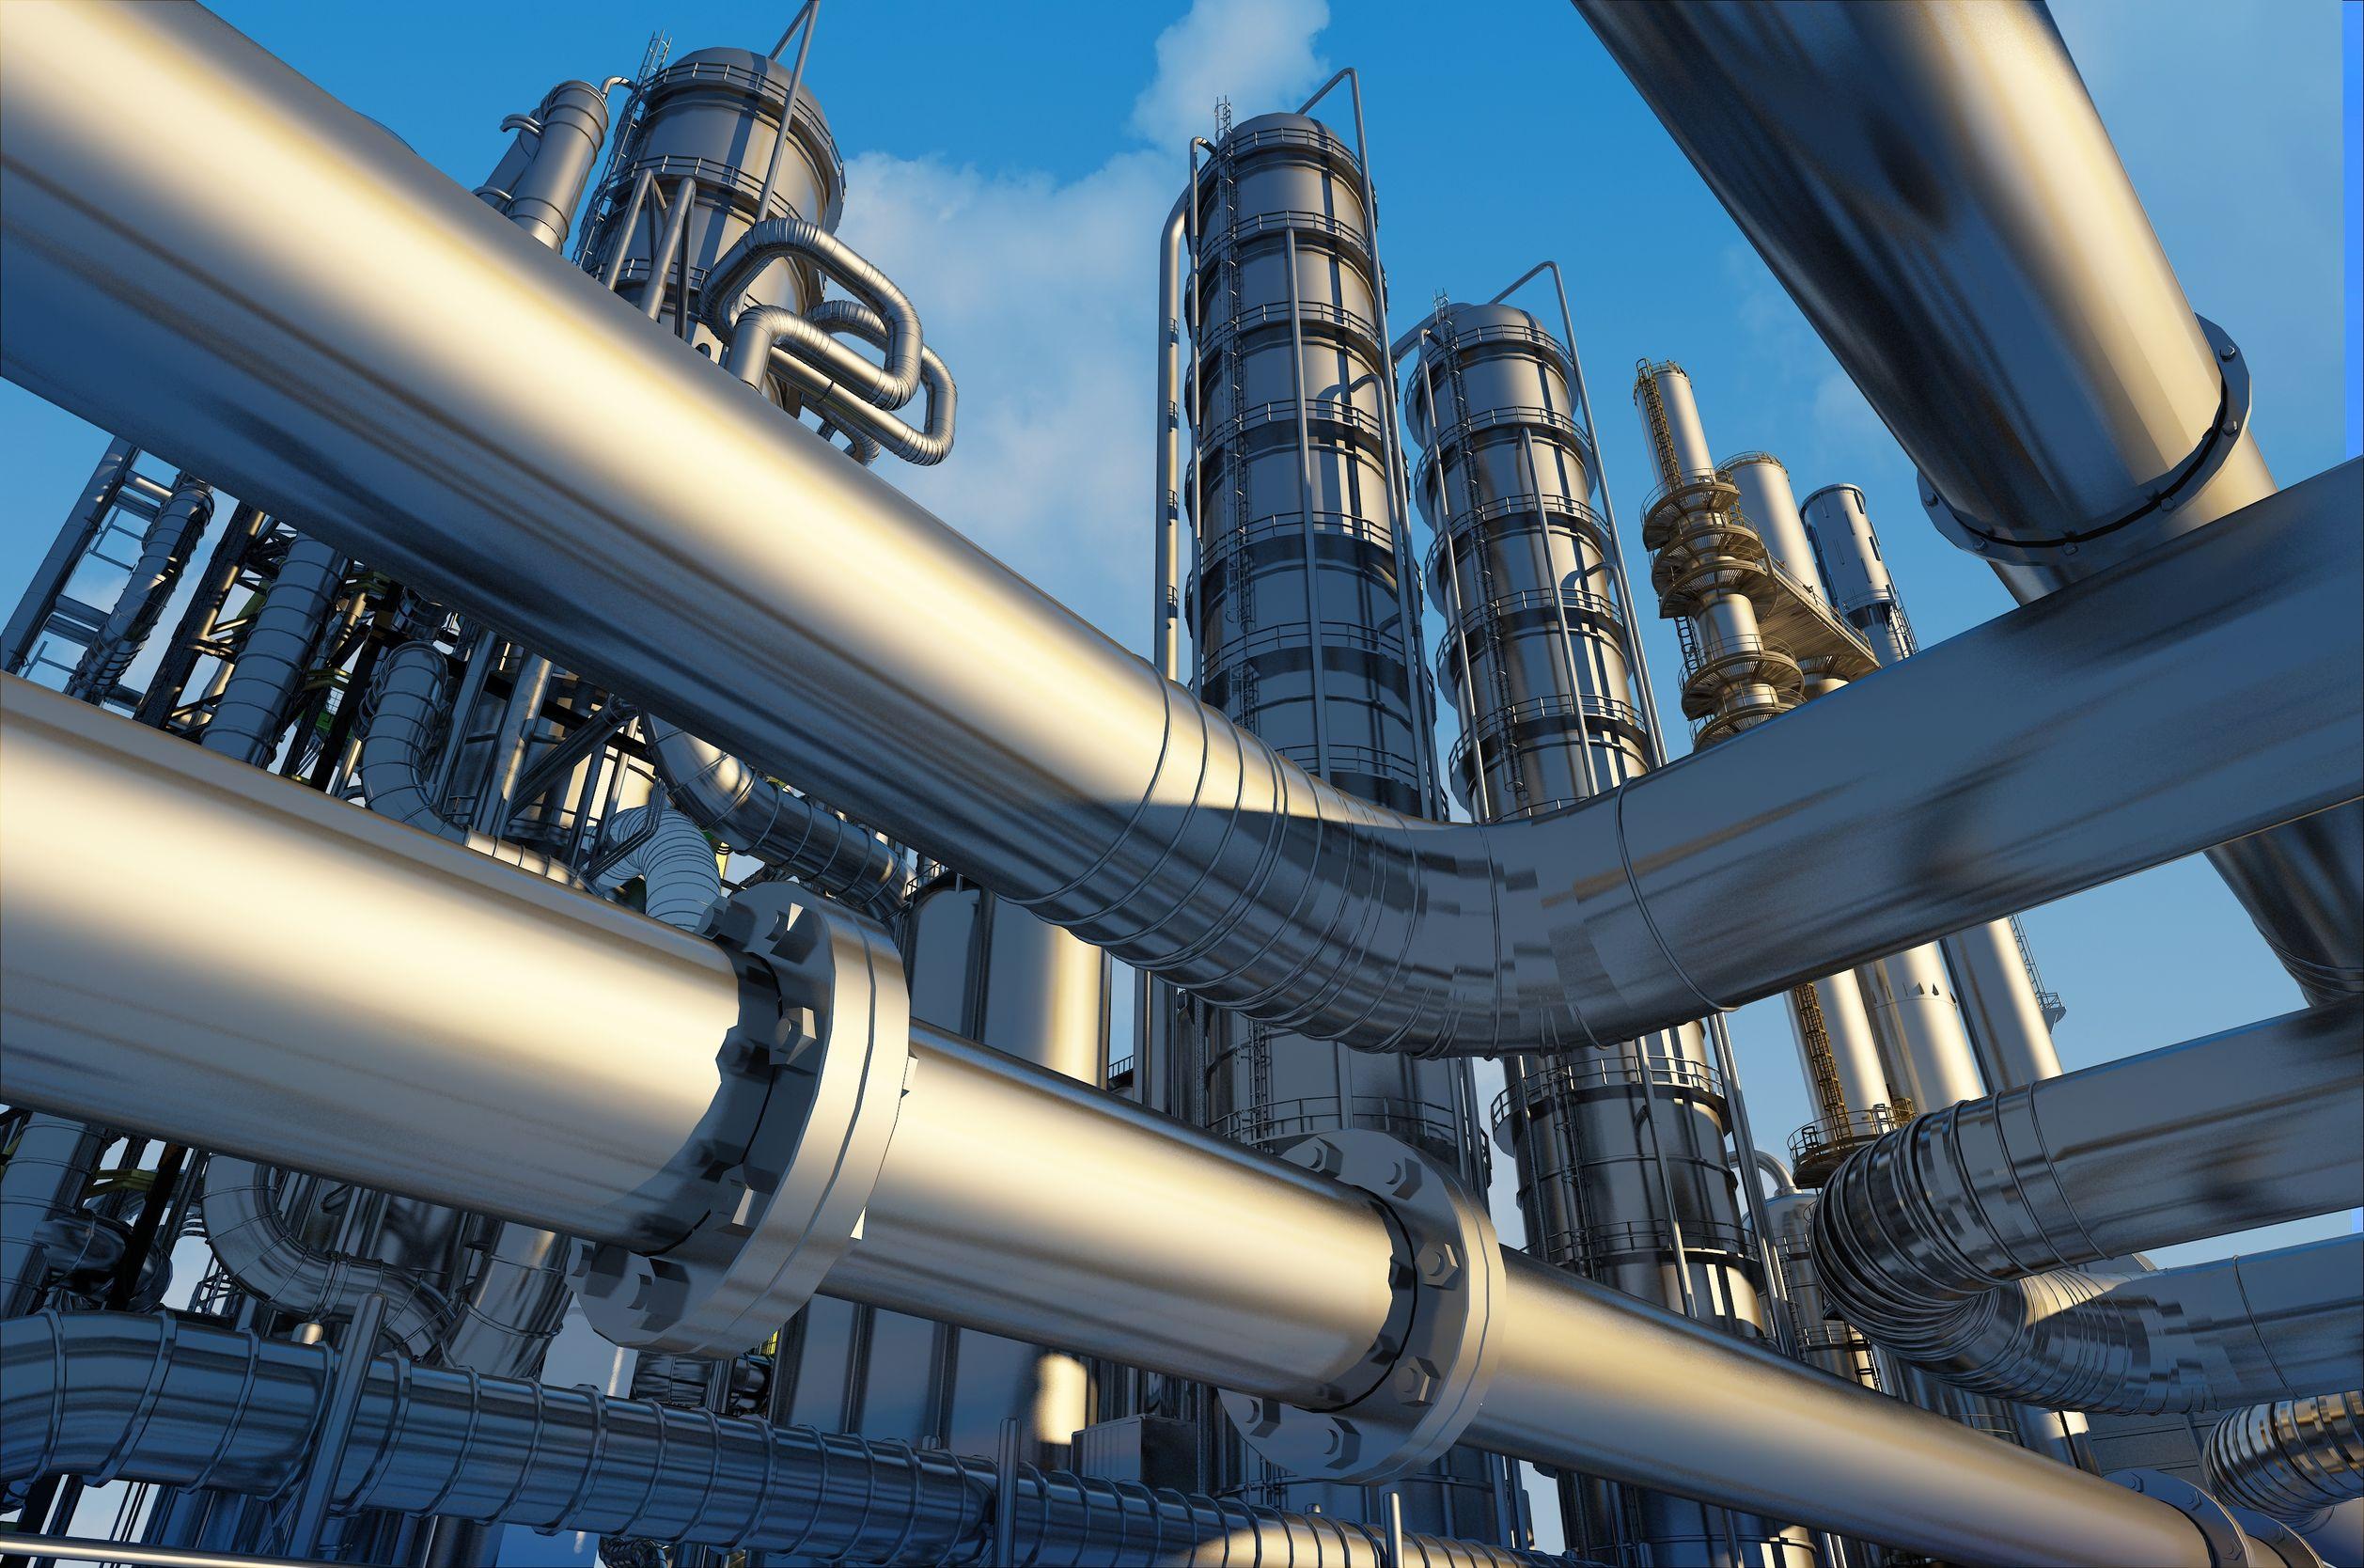 Kemian- ja prosessiteollisuus